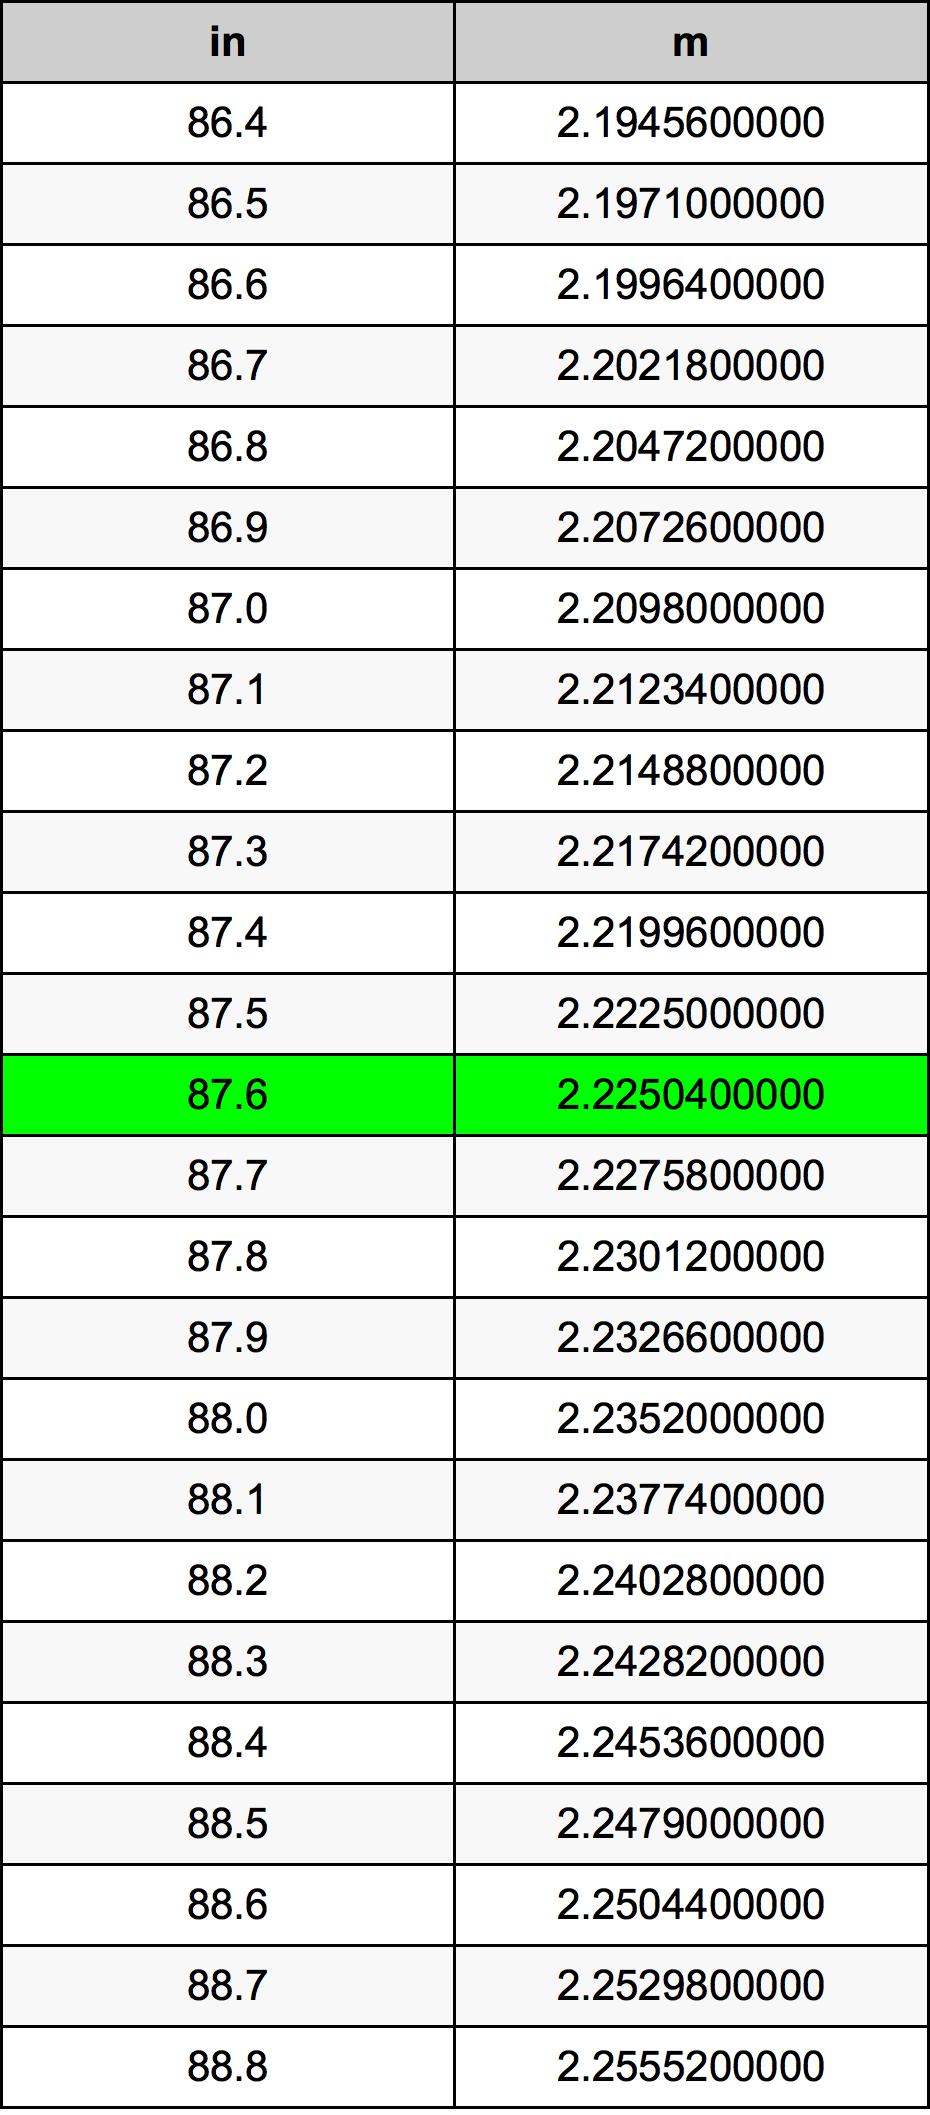 87.6インチ換算表